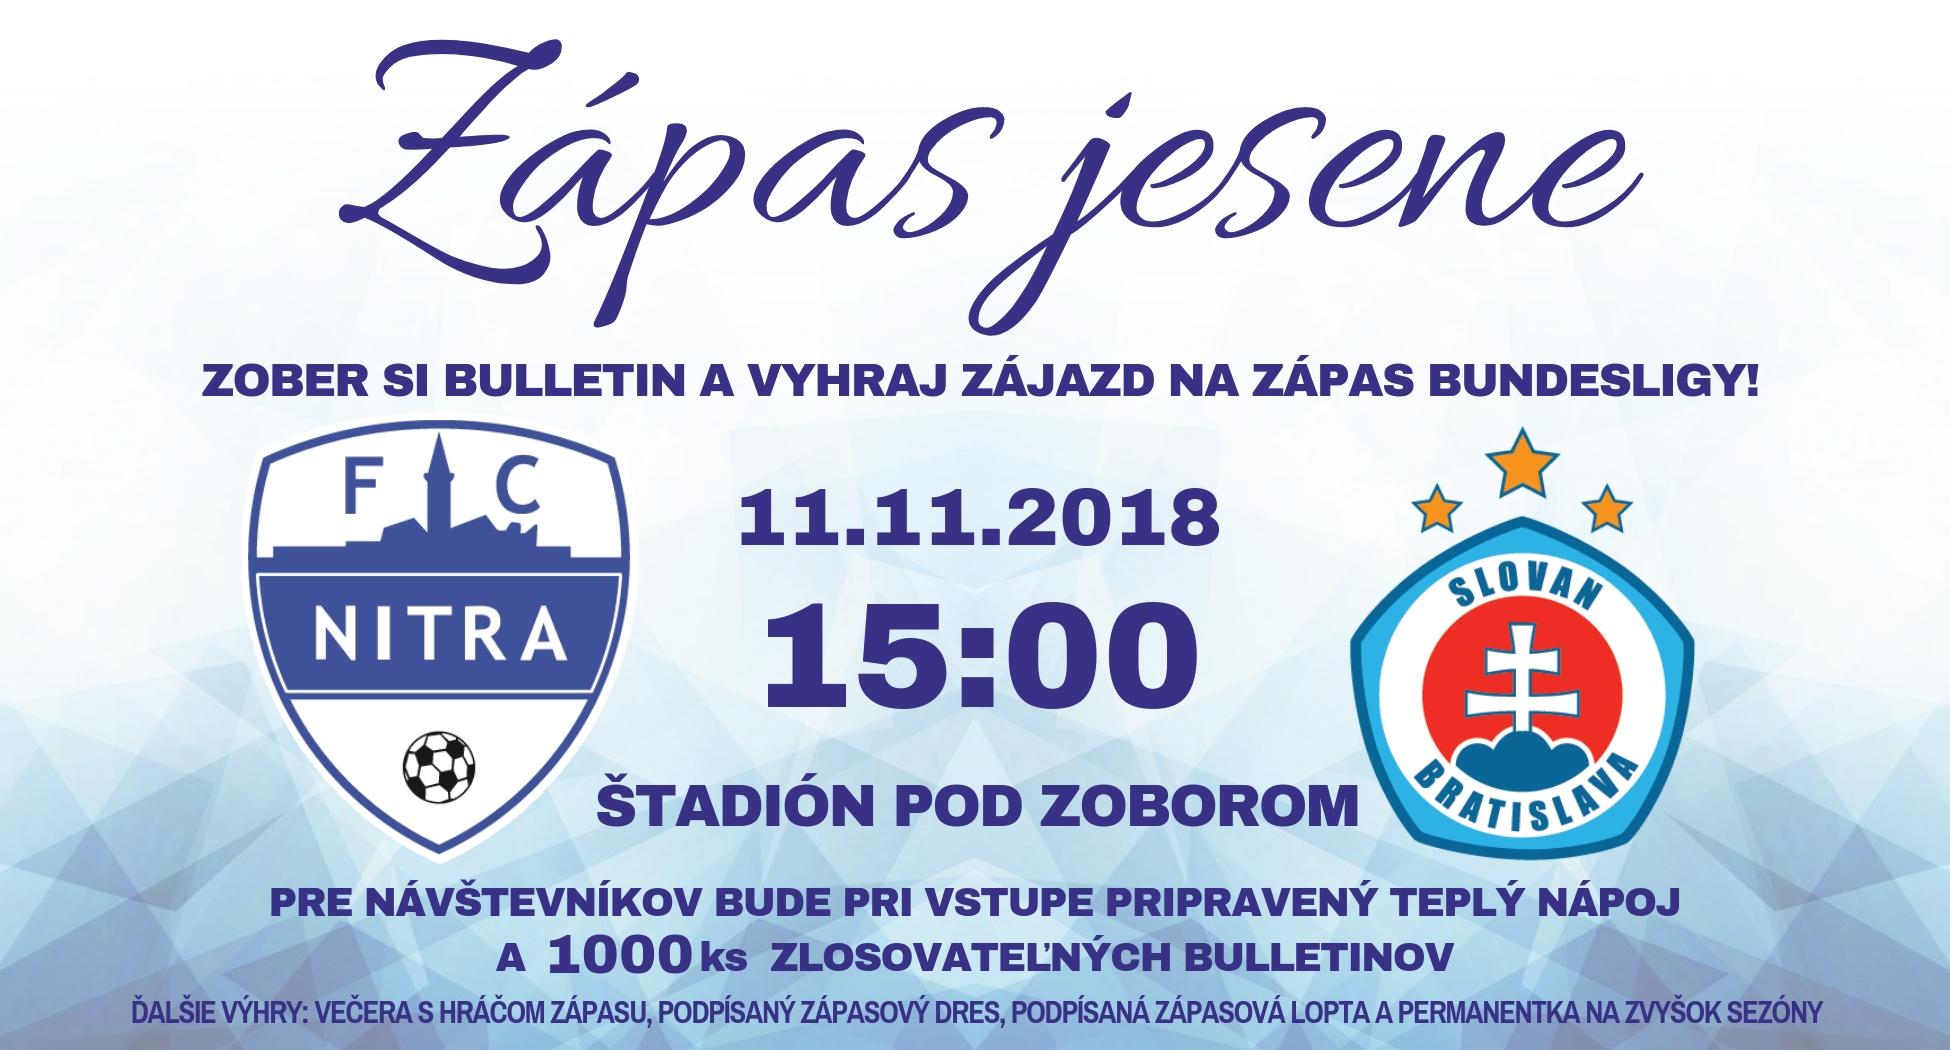 a0d98c4fad67 Jesenný zápas futbalových titánov FC NITRA - Kam v meste